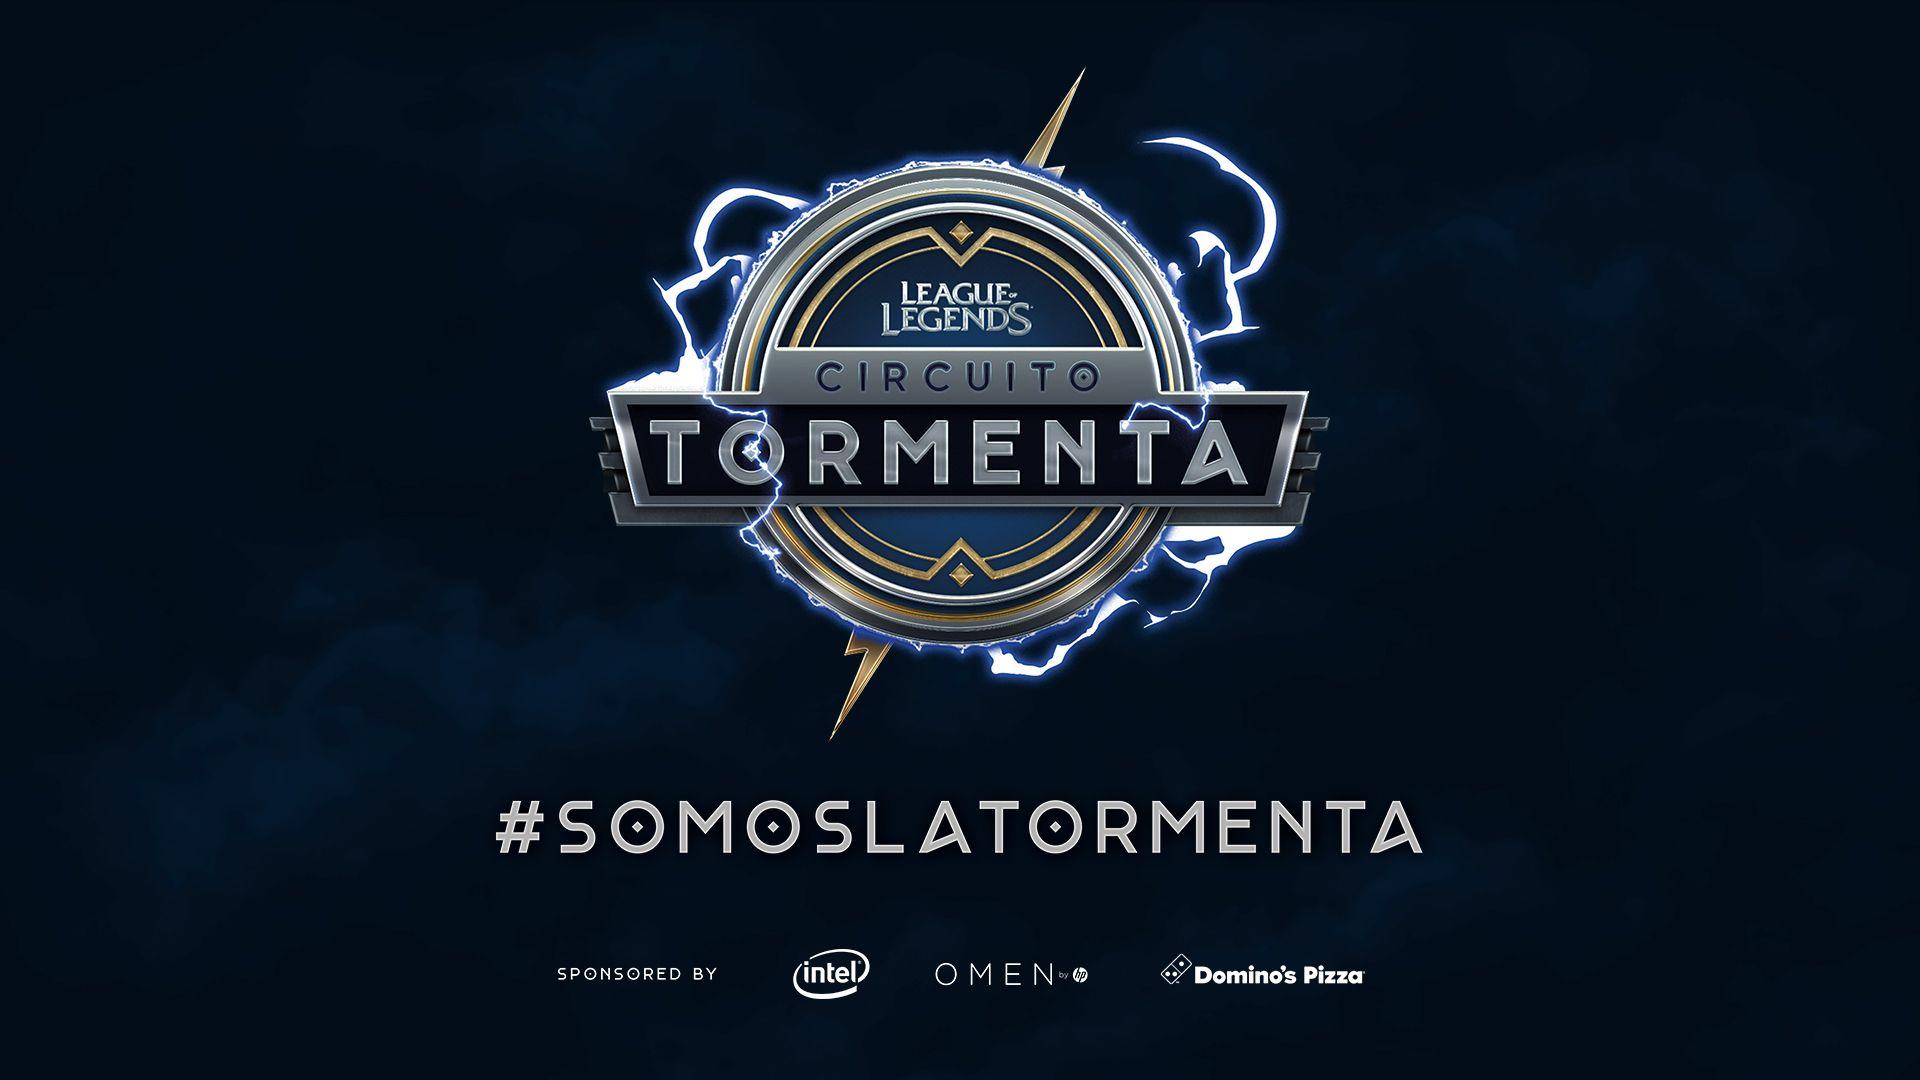 El Circuito Tormenta de League of Legends celebra su tercera parada en la Dreamcup de Valencia